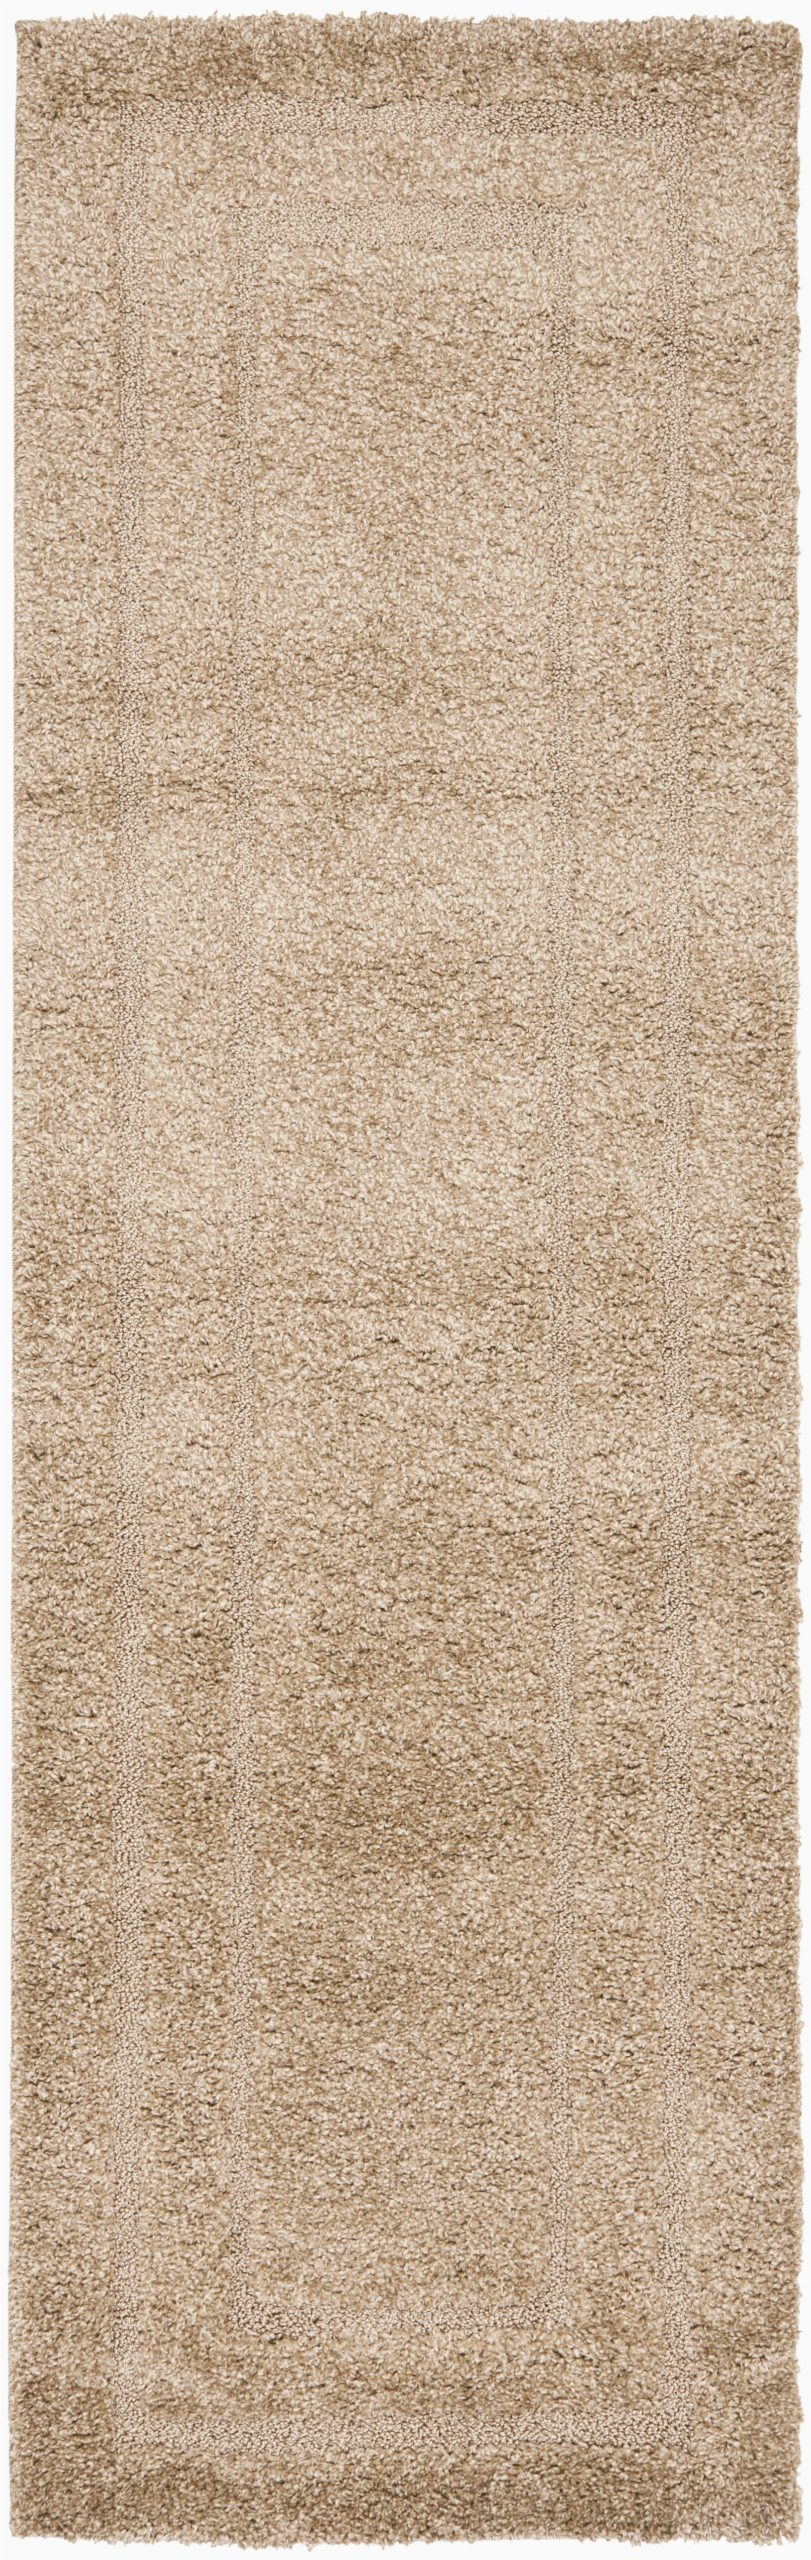 ebern designs drennen shag beige area rug w piid=